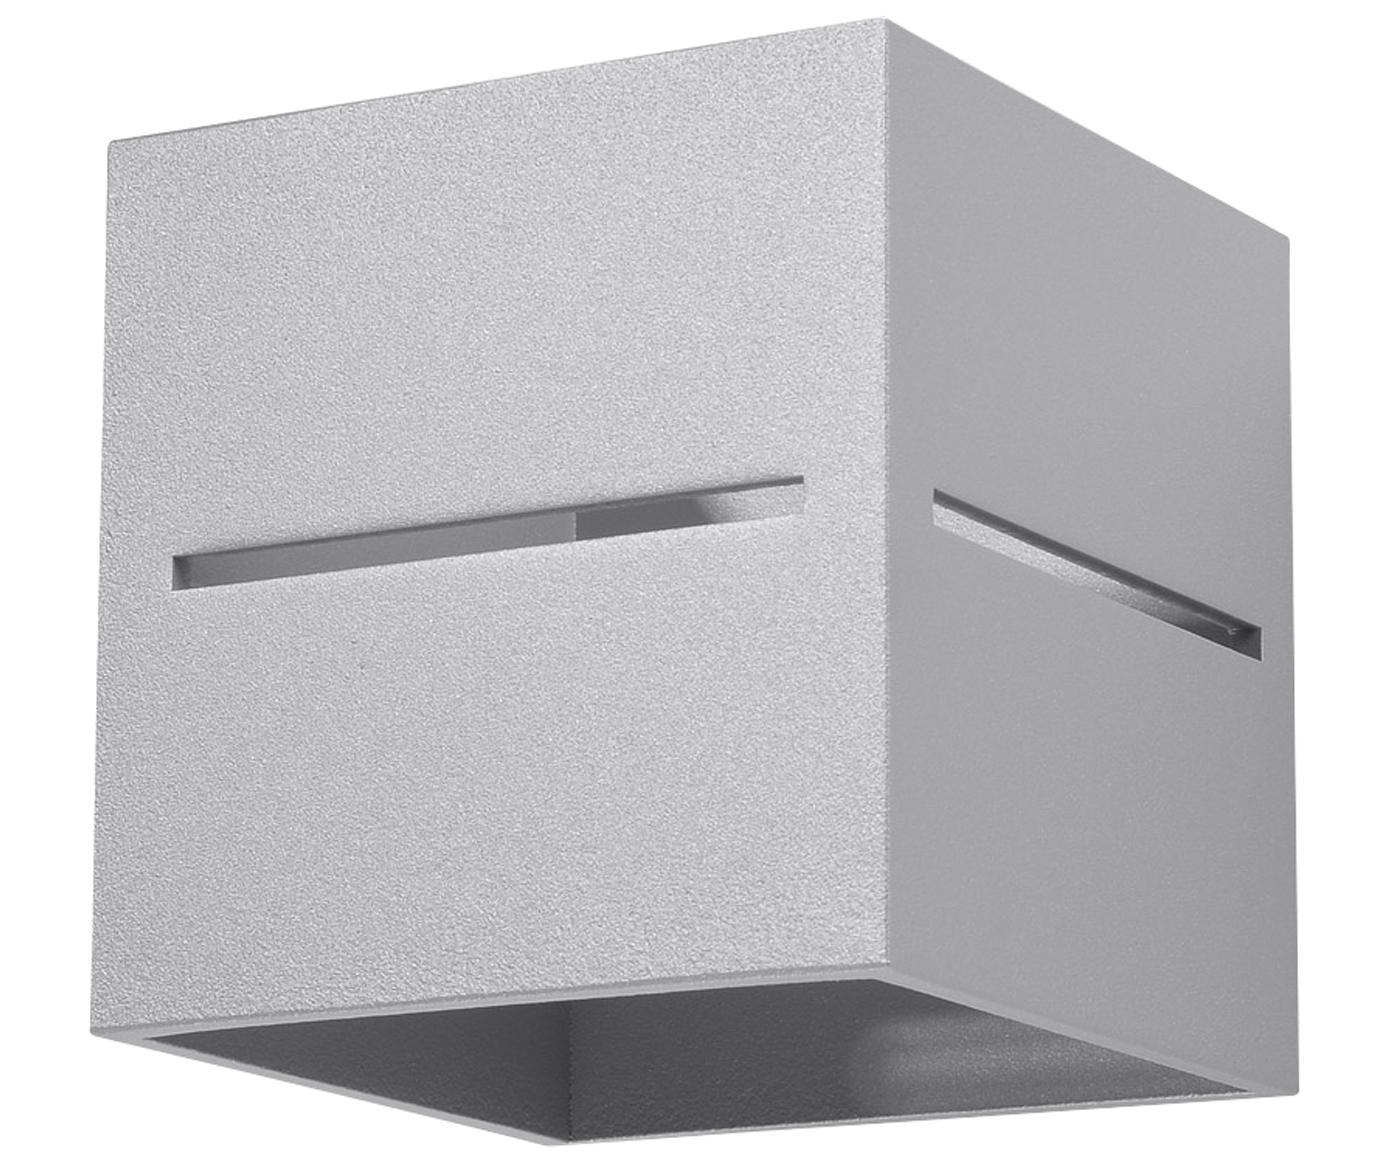 Applique Lorum, Alluminio, Grigio chiaro, Larg. 10 x Alt. 10 cm